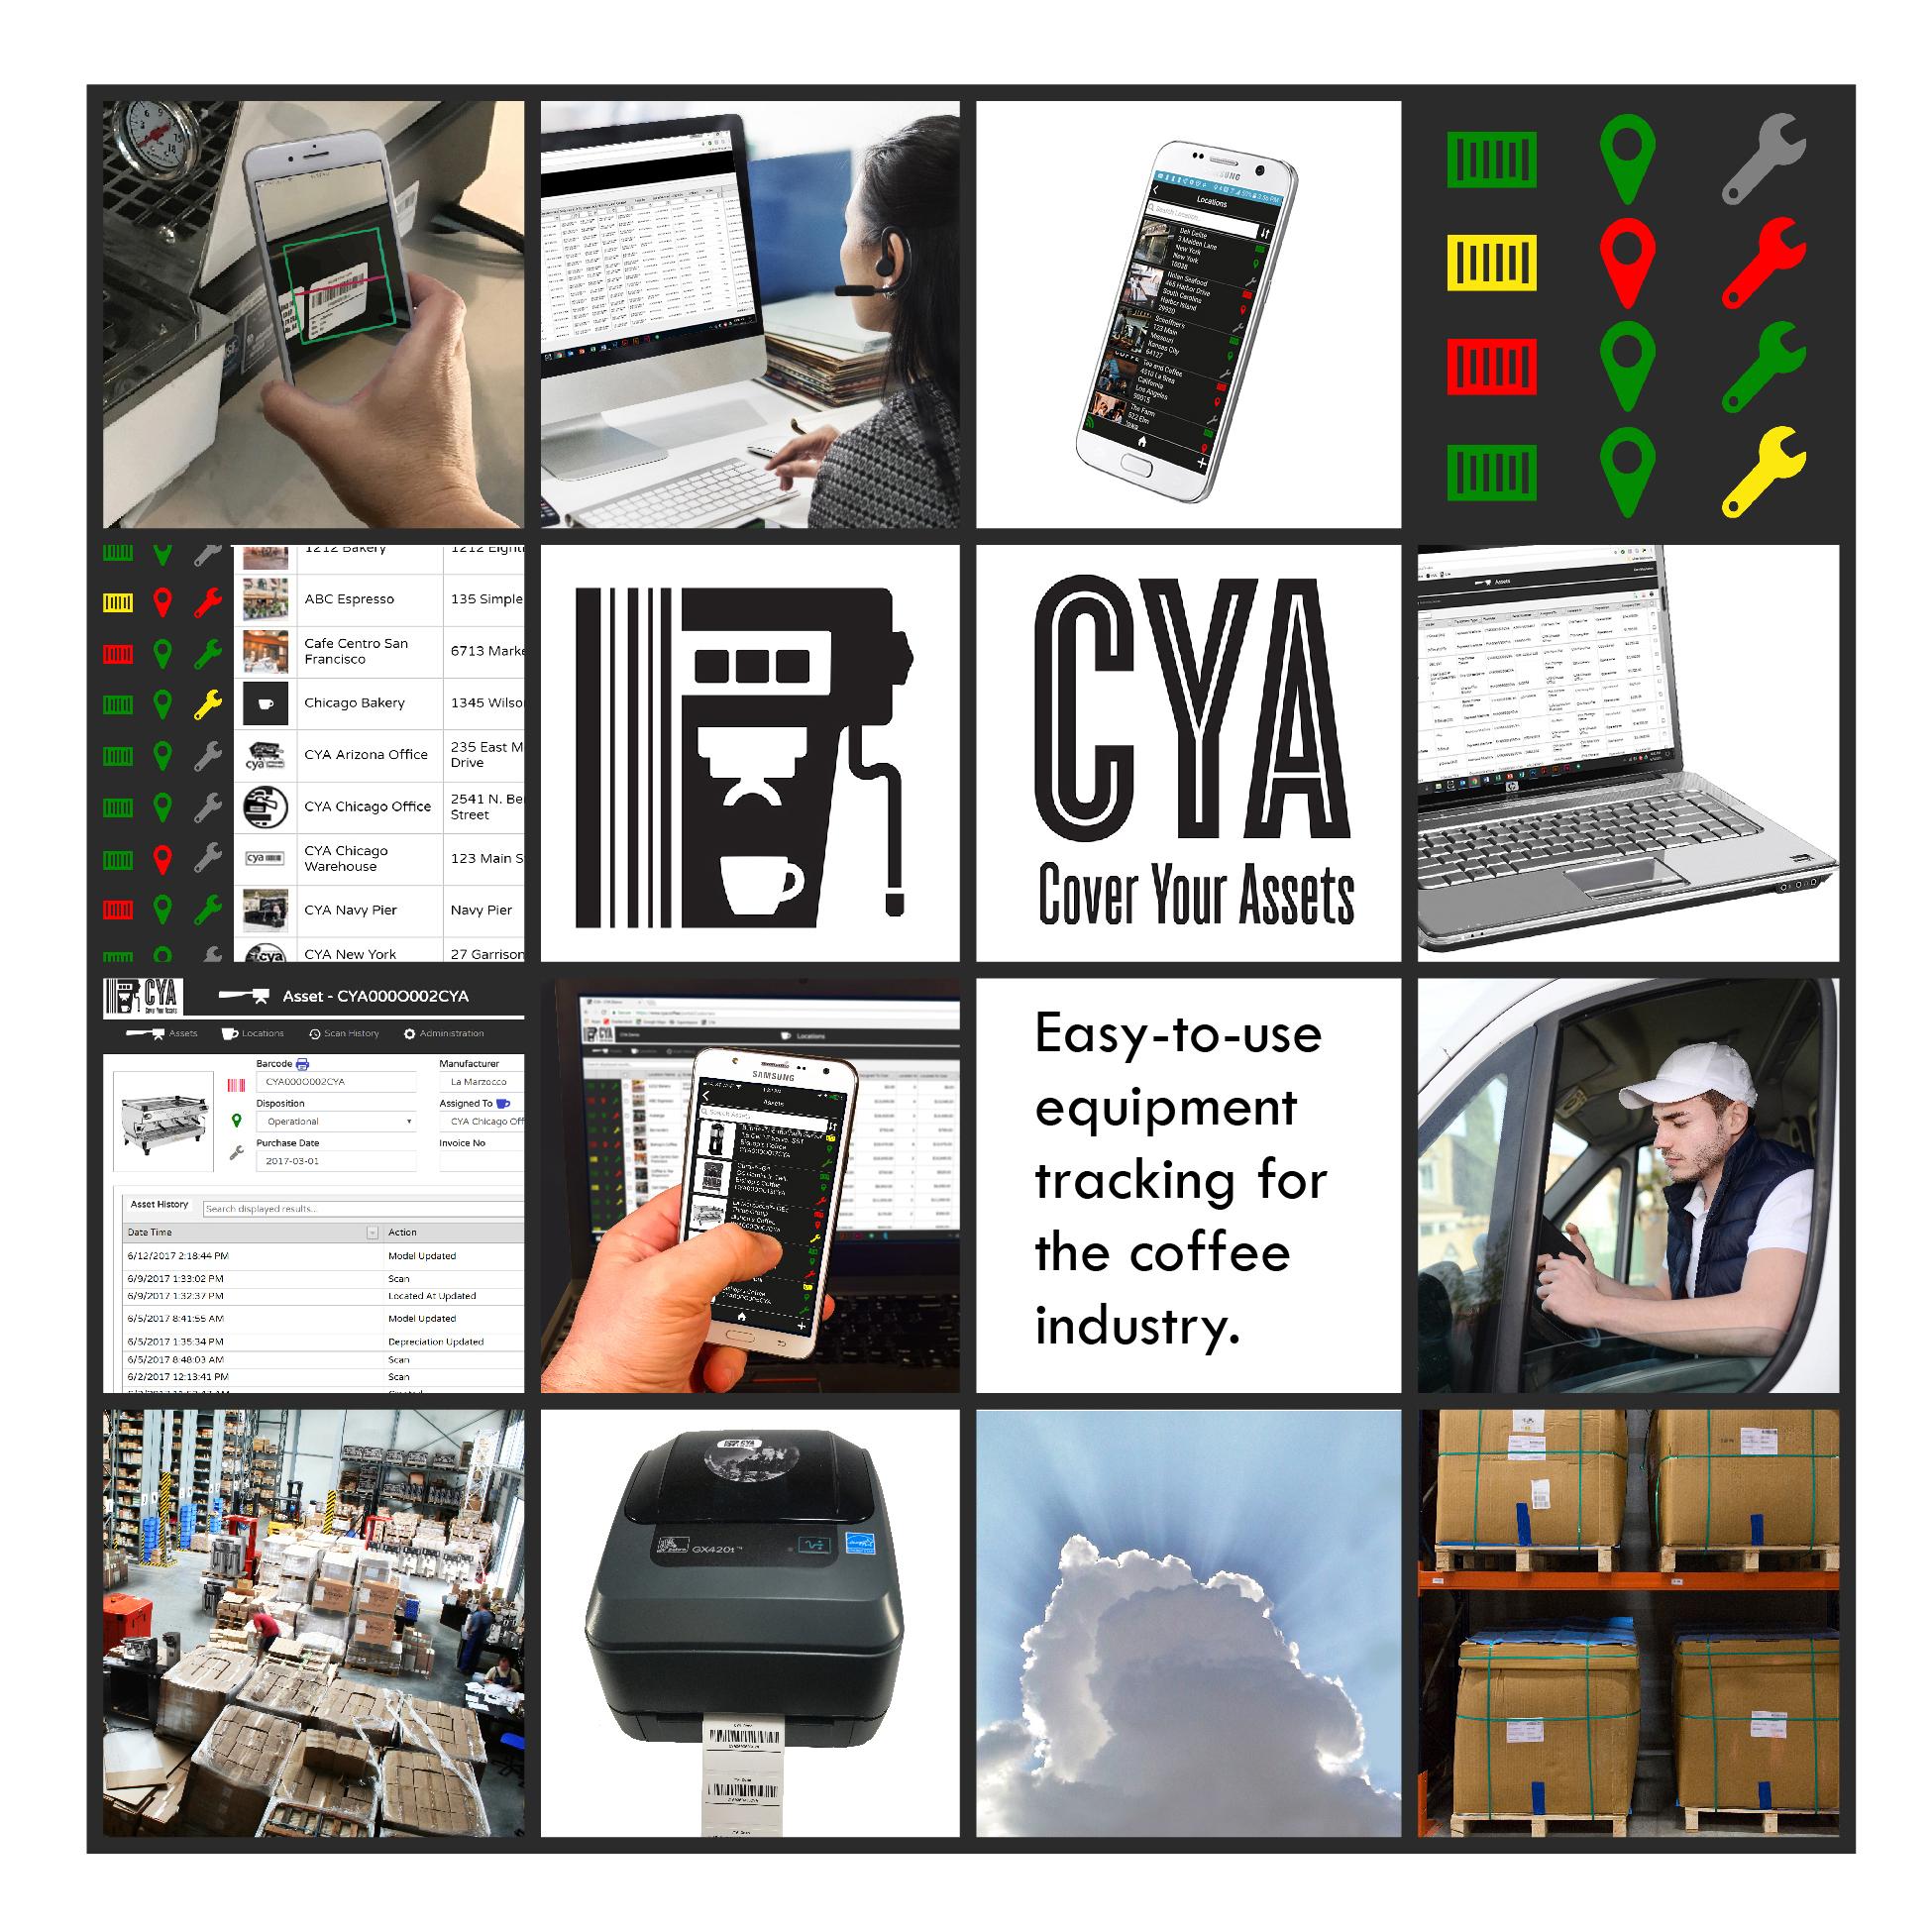 CYA Sales Image Montage a 9-10-18.jpg